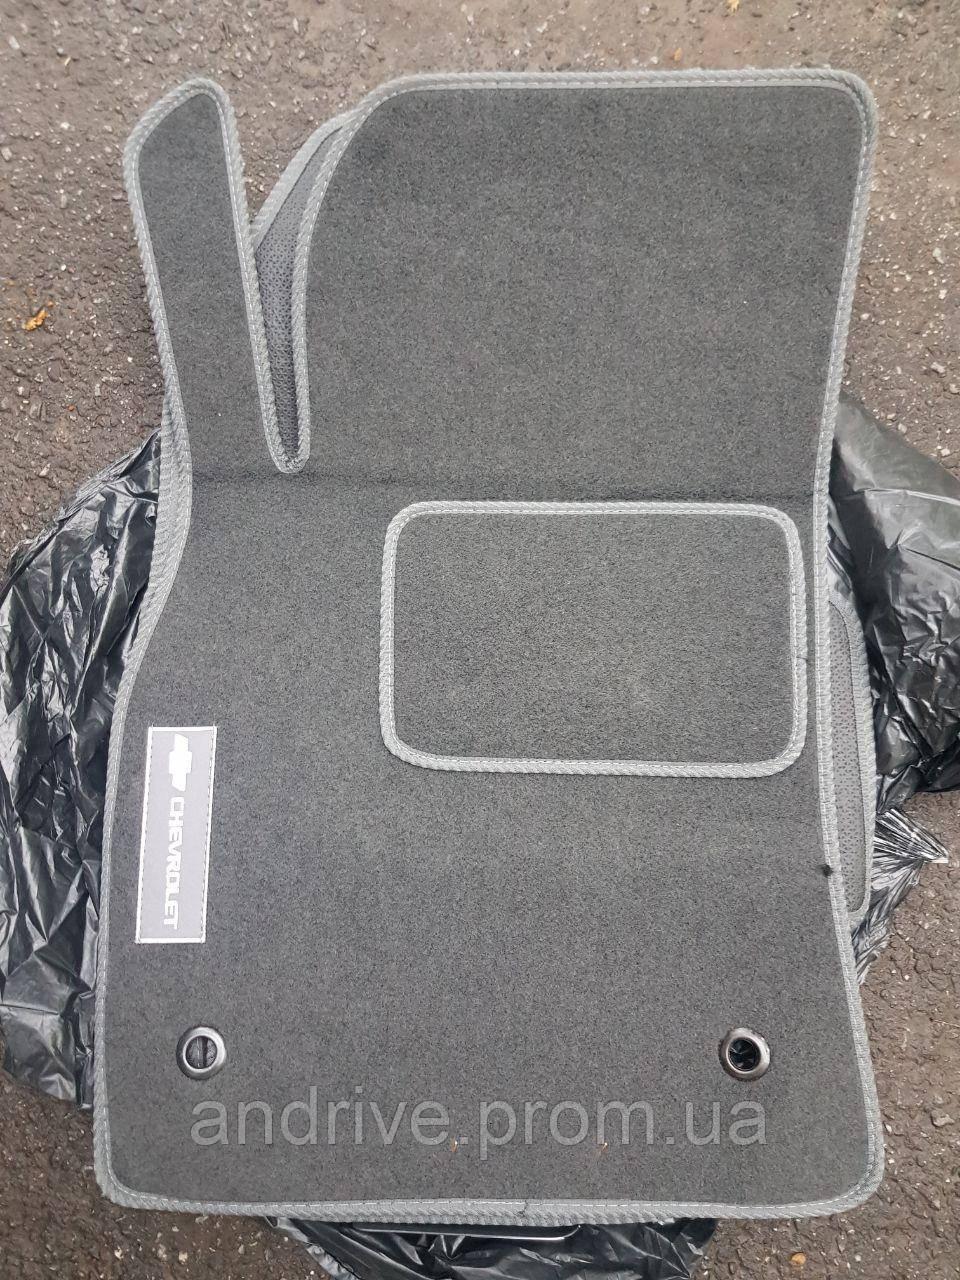 Текстильные ковры в салон Chevrolet Cruze ворсовые